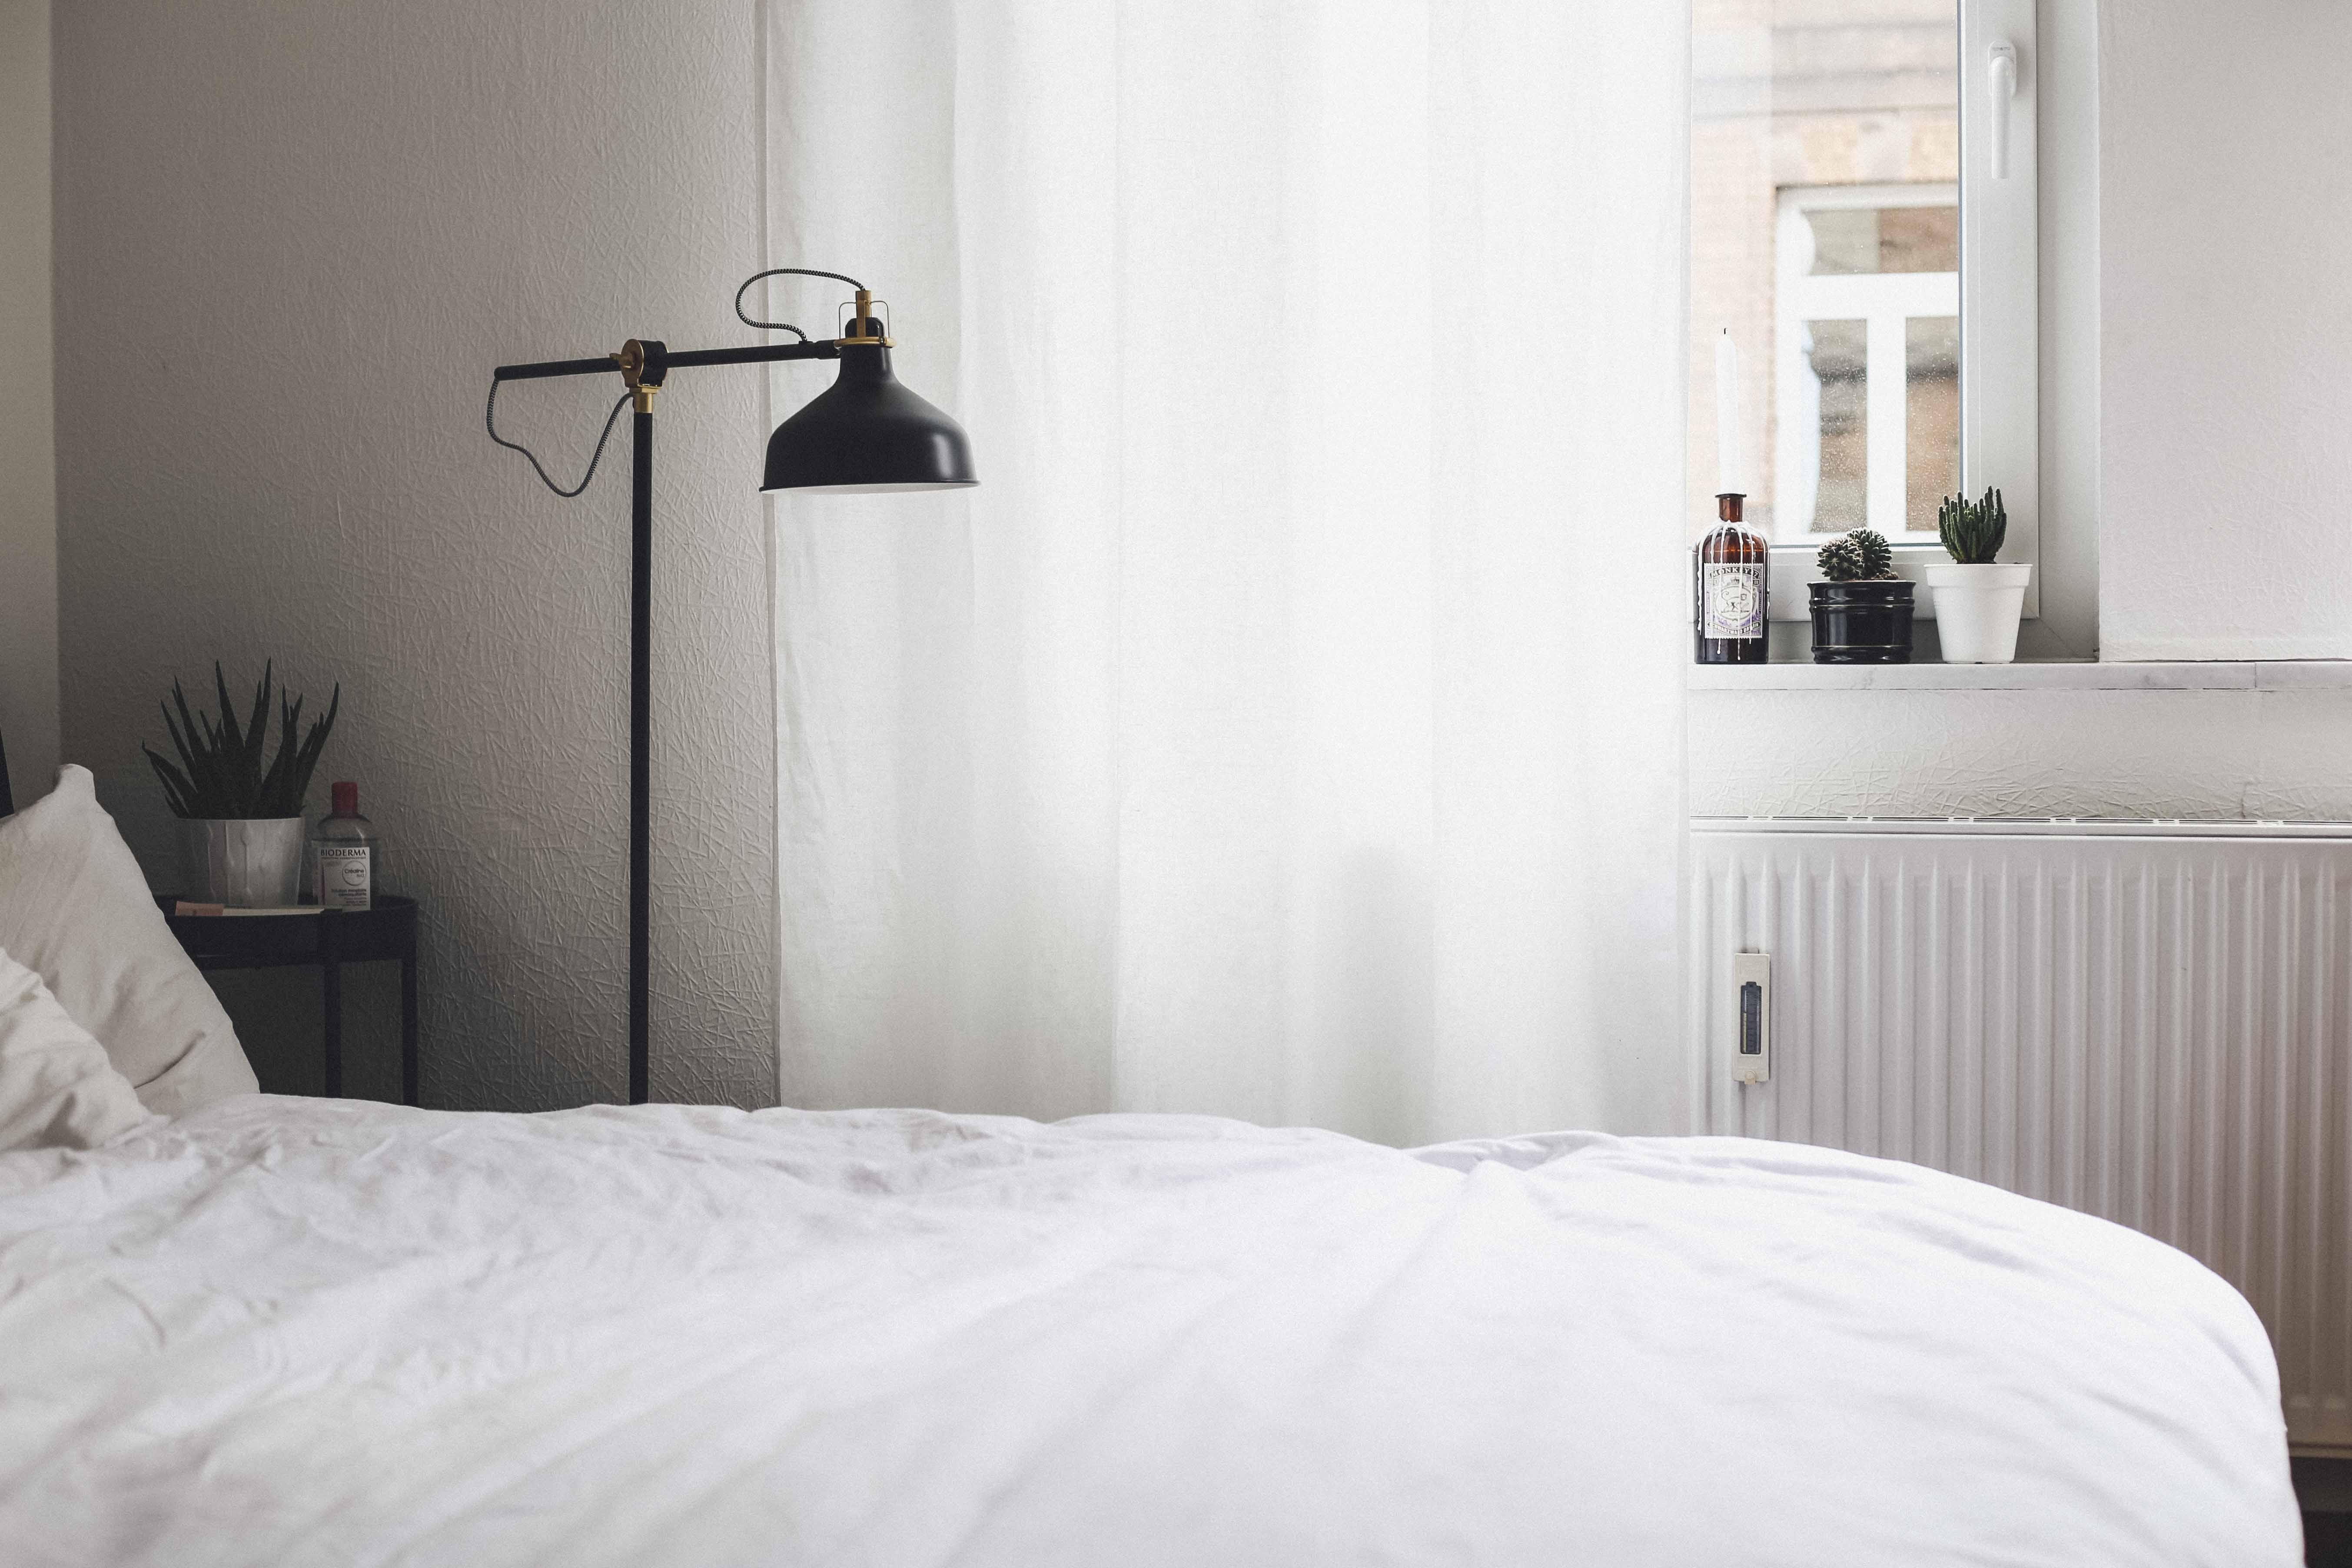 doandlive-bett-schlafzimmer-interior-ottoliving-otto (3 von ...